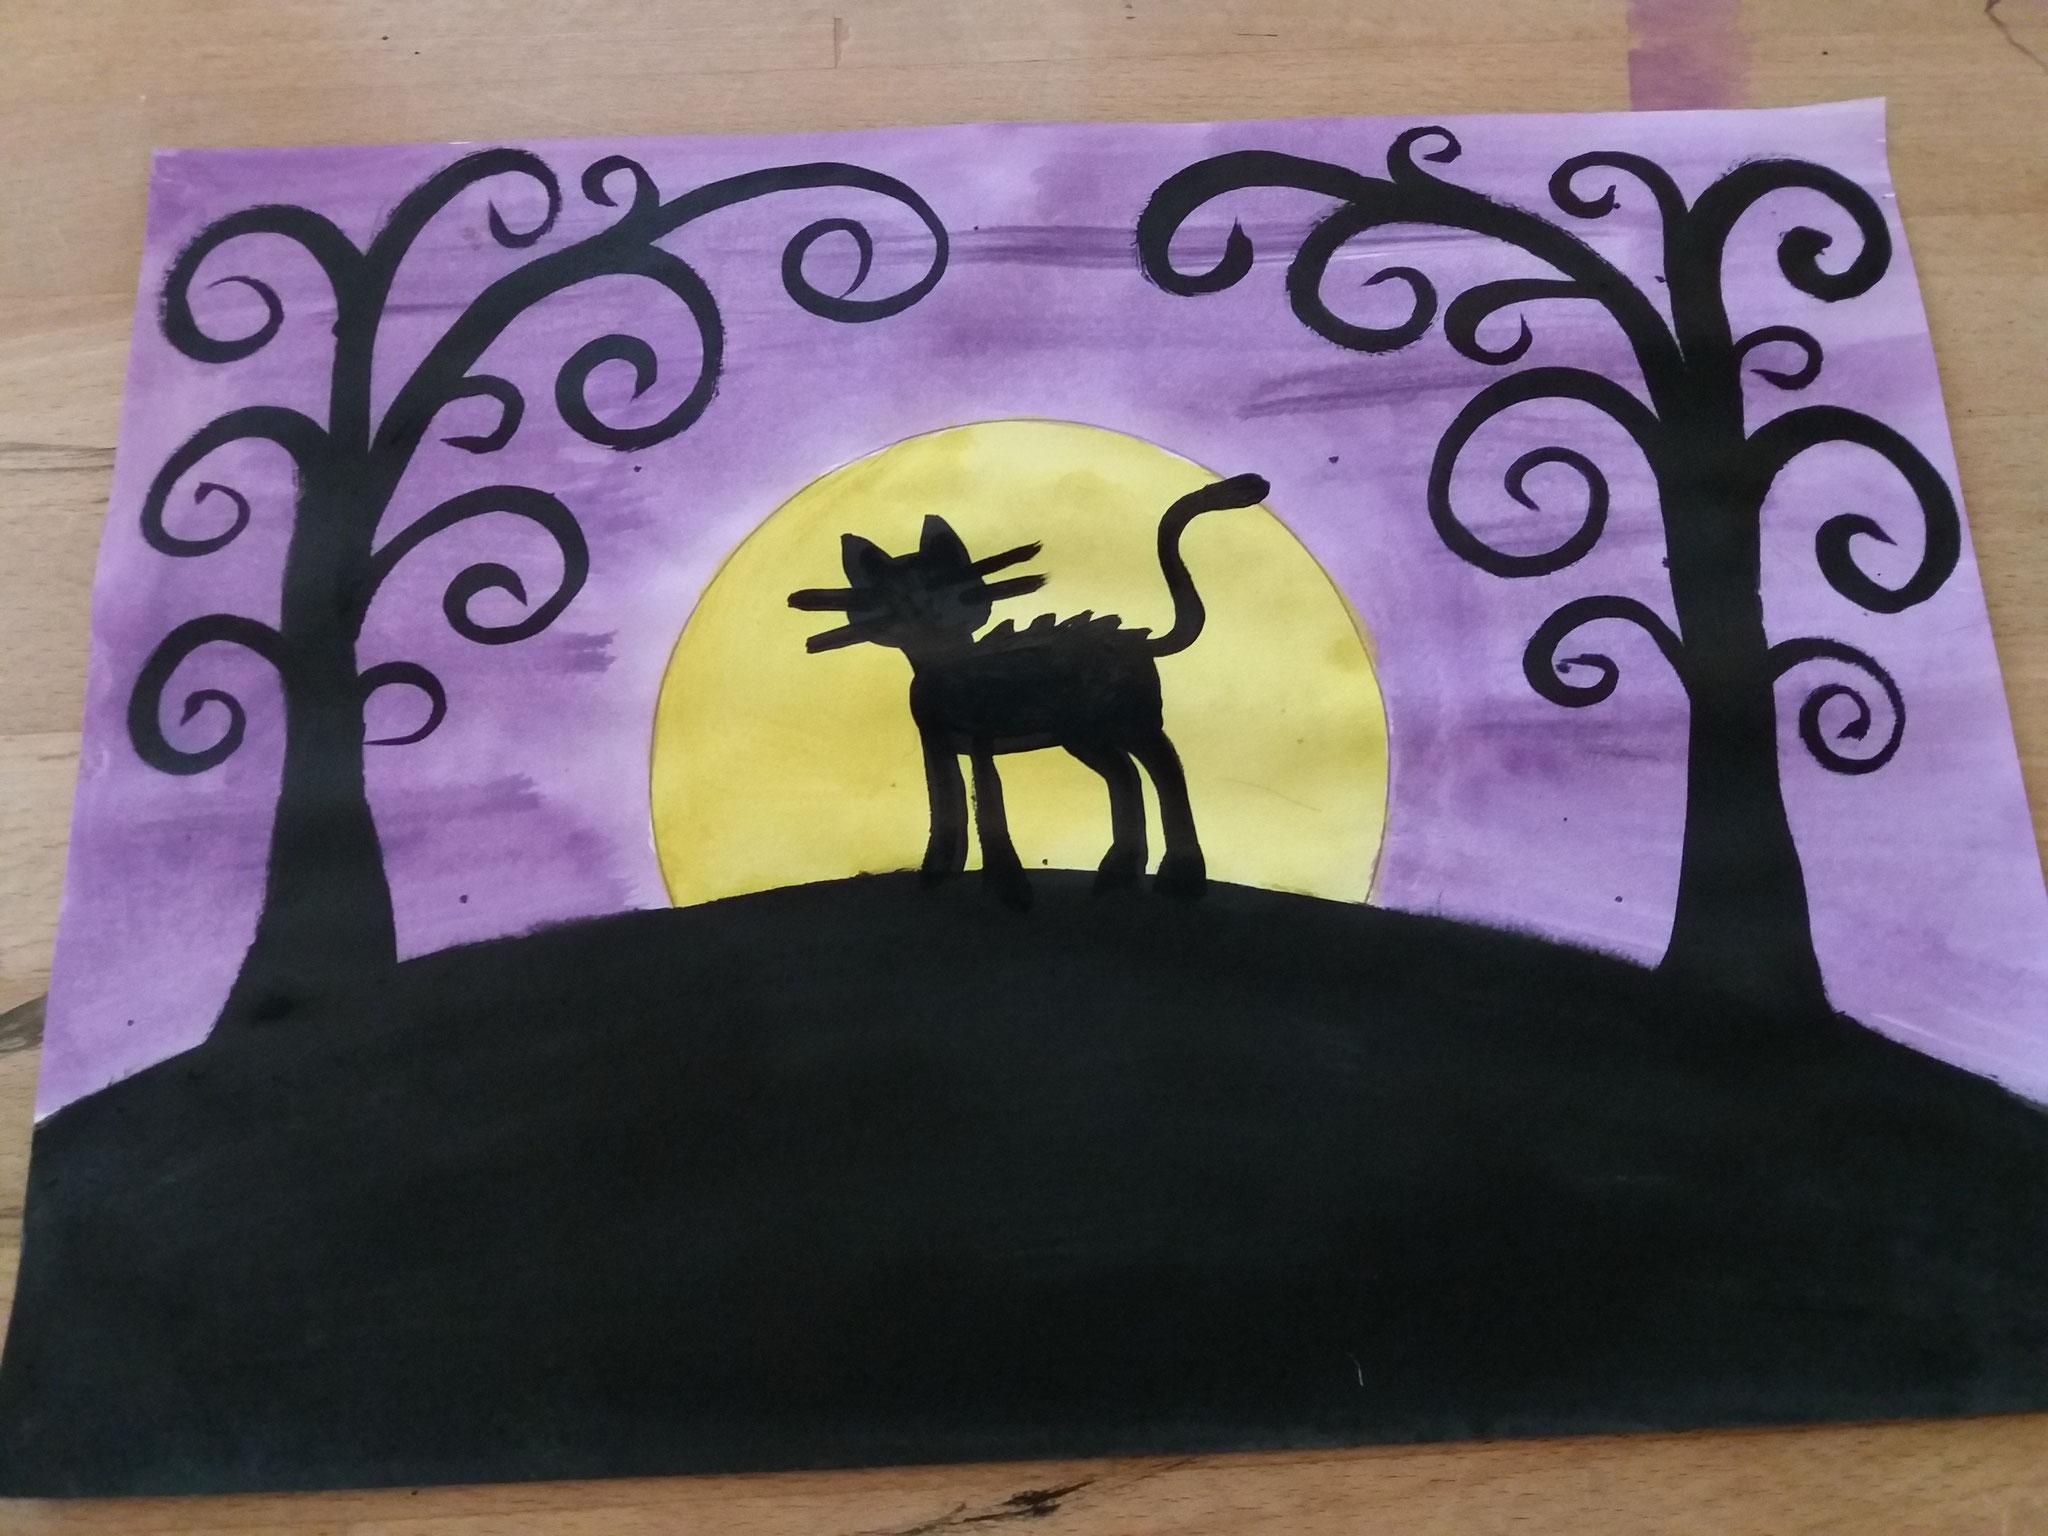 Ausmalen, noch ein paar Schnurrhaare hinzufügen - fertig ist die schwarze Katze der Hexe (Luftballons - www.philipus-education.com)